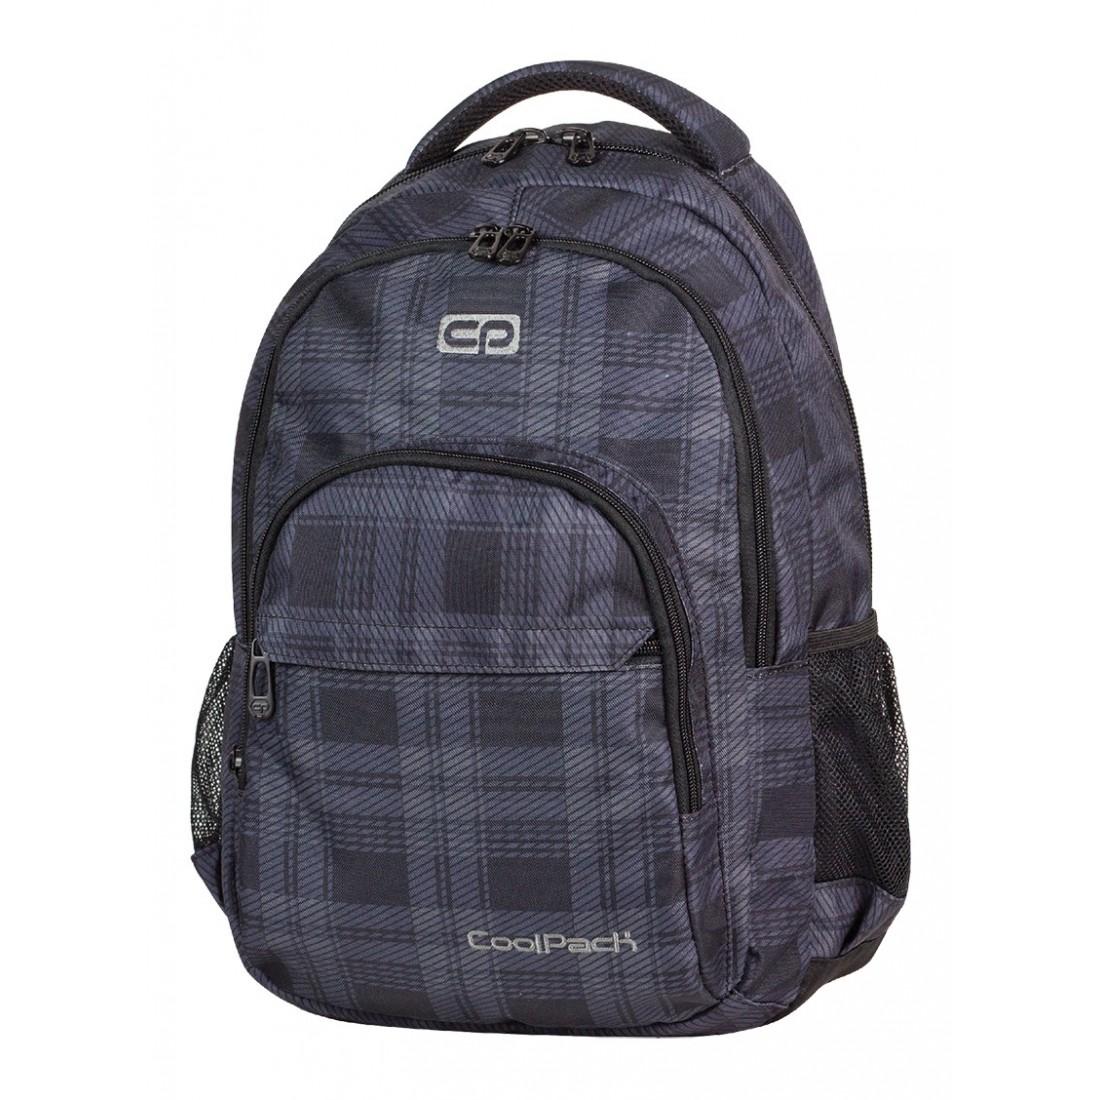 Plecak młodzieżowy CoolPack CP lekki czarno - szary w kratkę BASIC DERBY 368 - plecak-tornister.pl